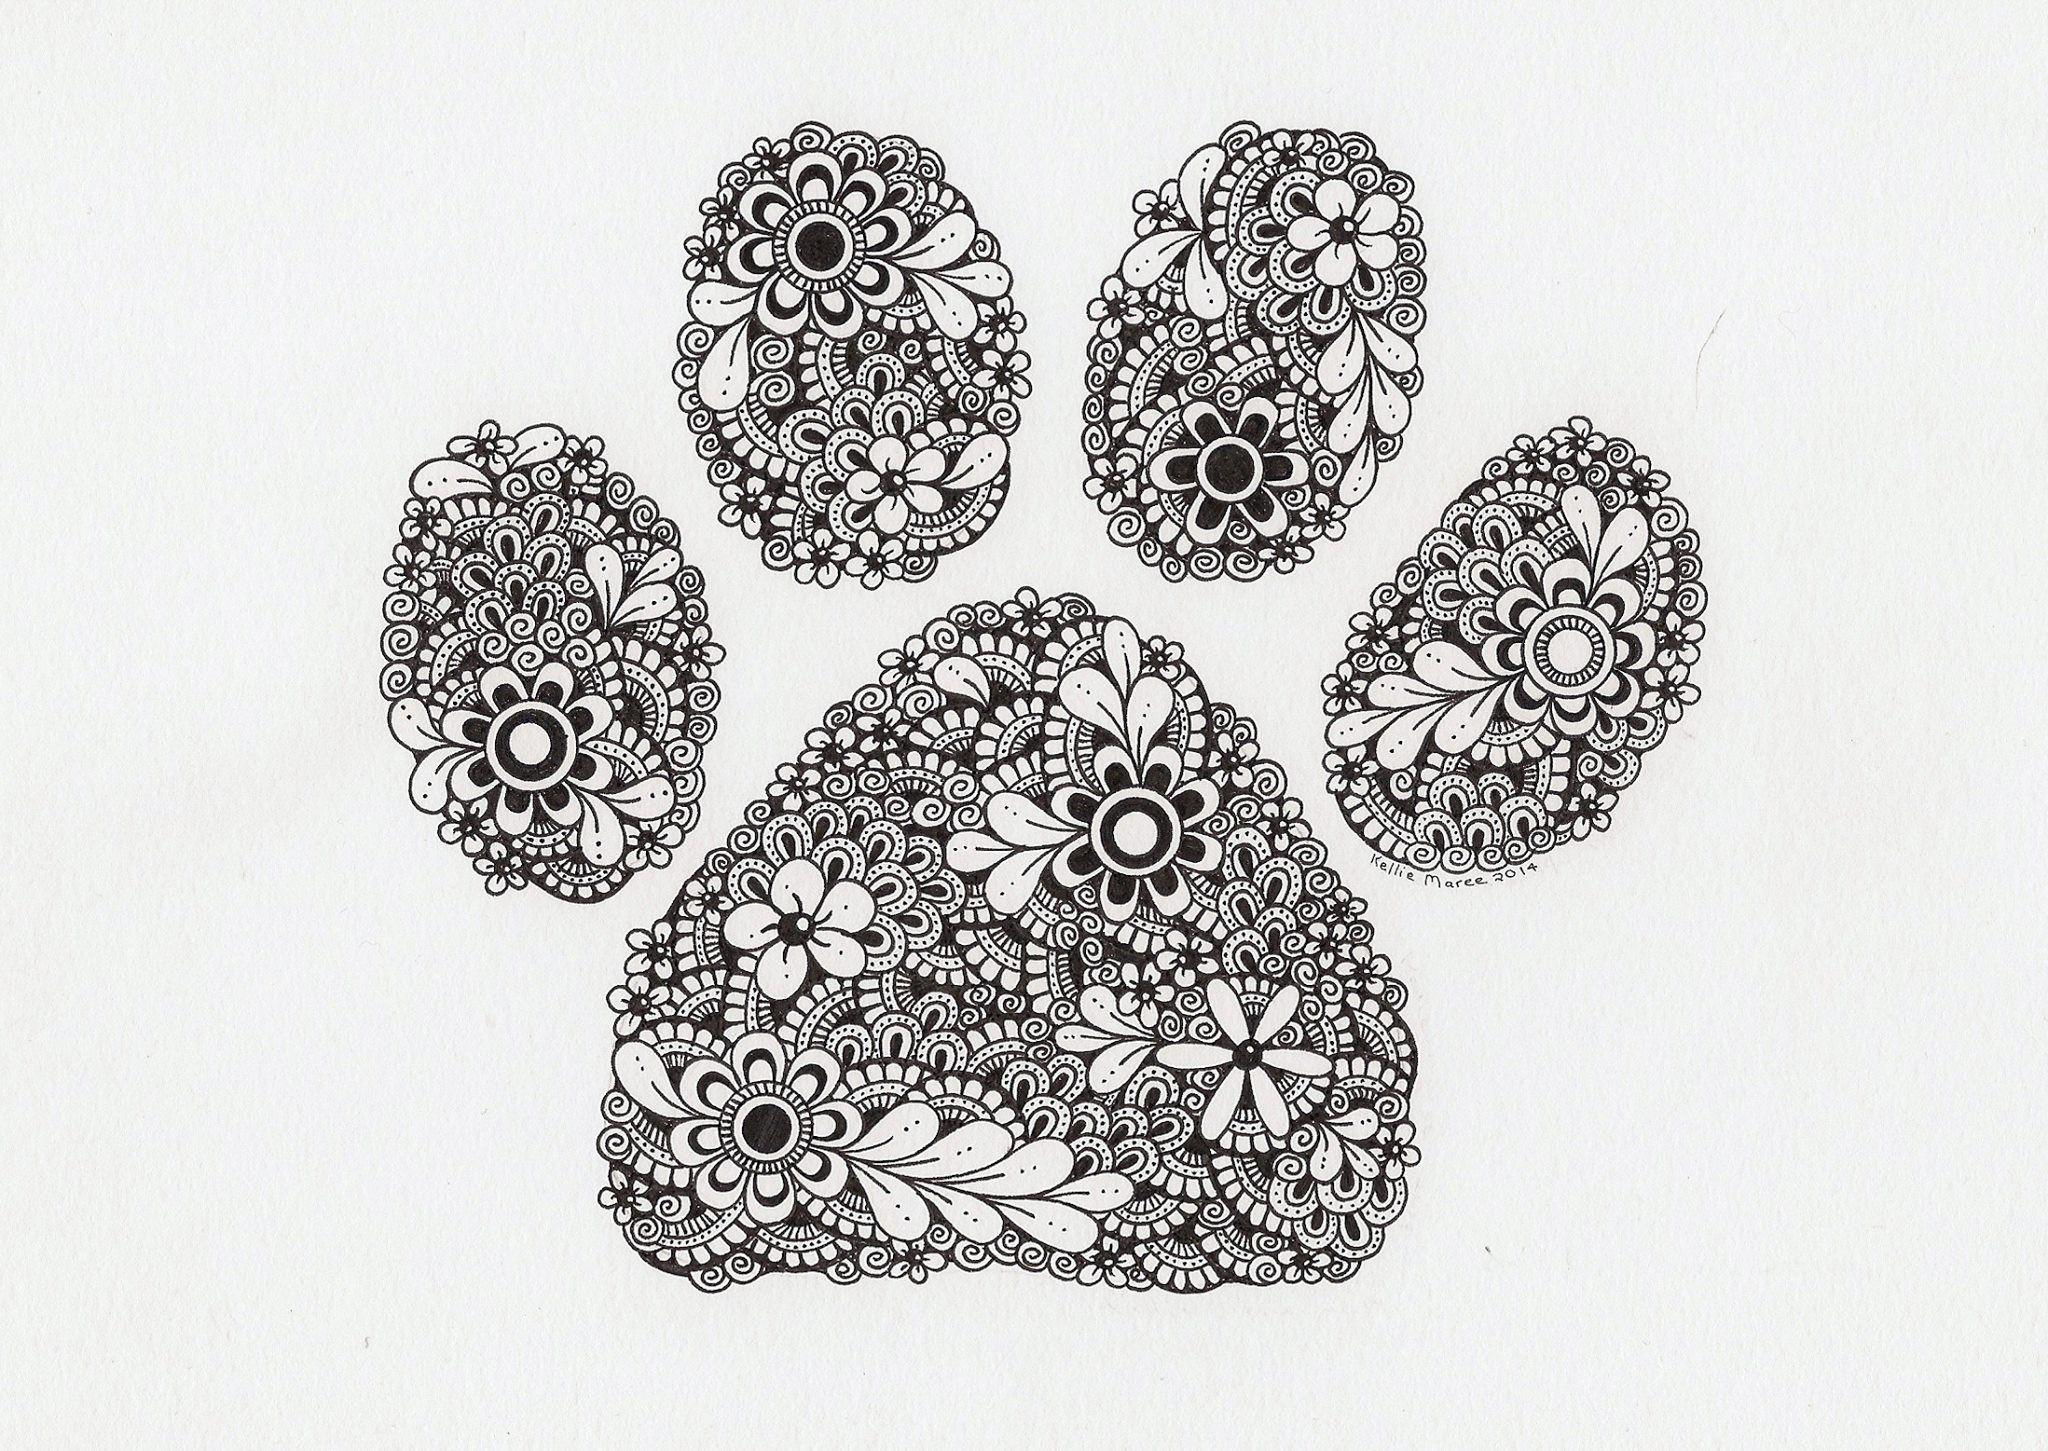 Malvorlagen Tiere Hufeisen Zentangle Muster Kritzeleien Haustiere Ausmalen Tattoo Ideen Katzen Zeichnungen